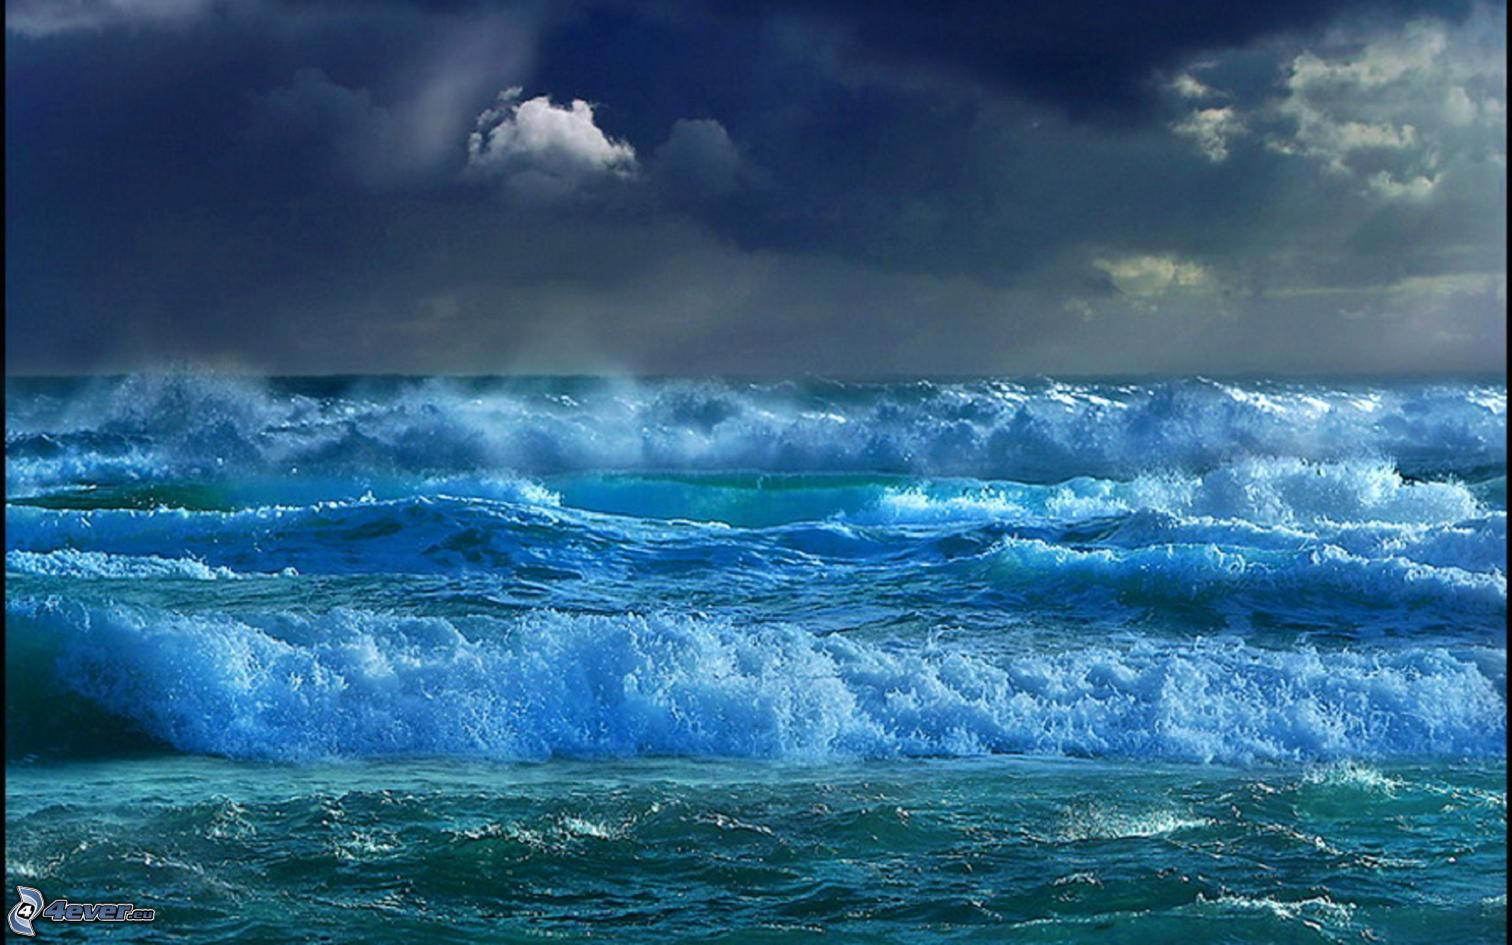 oceano,-mare,-onde-157962